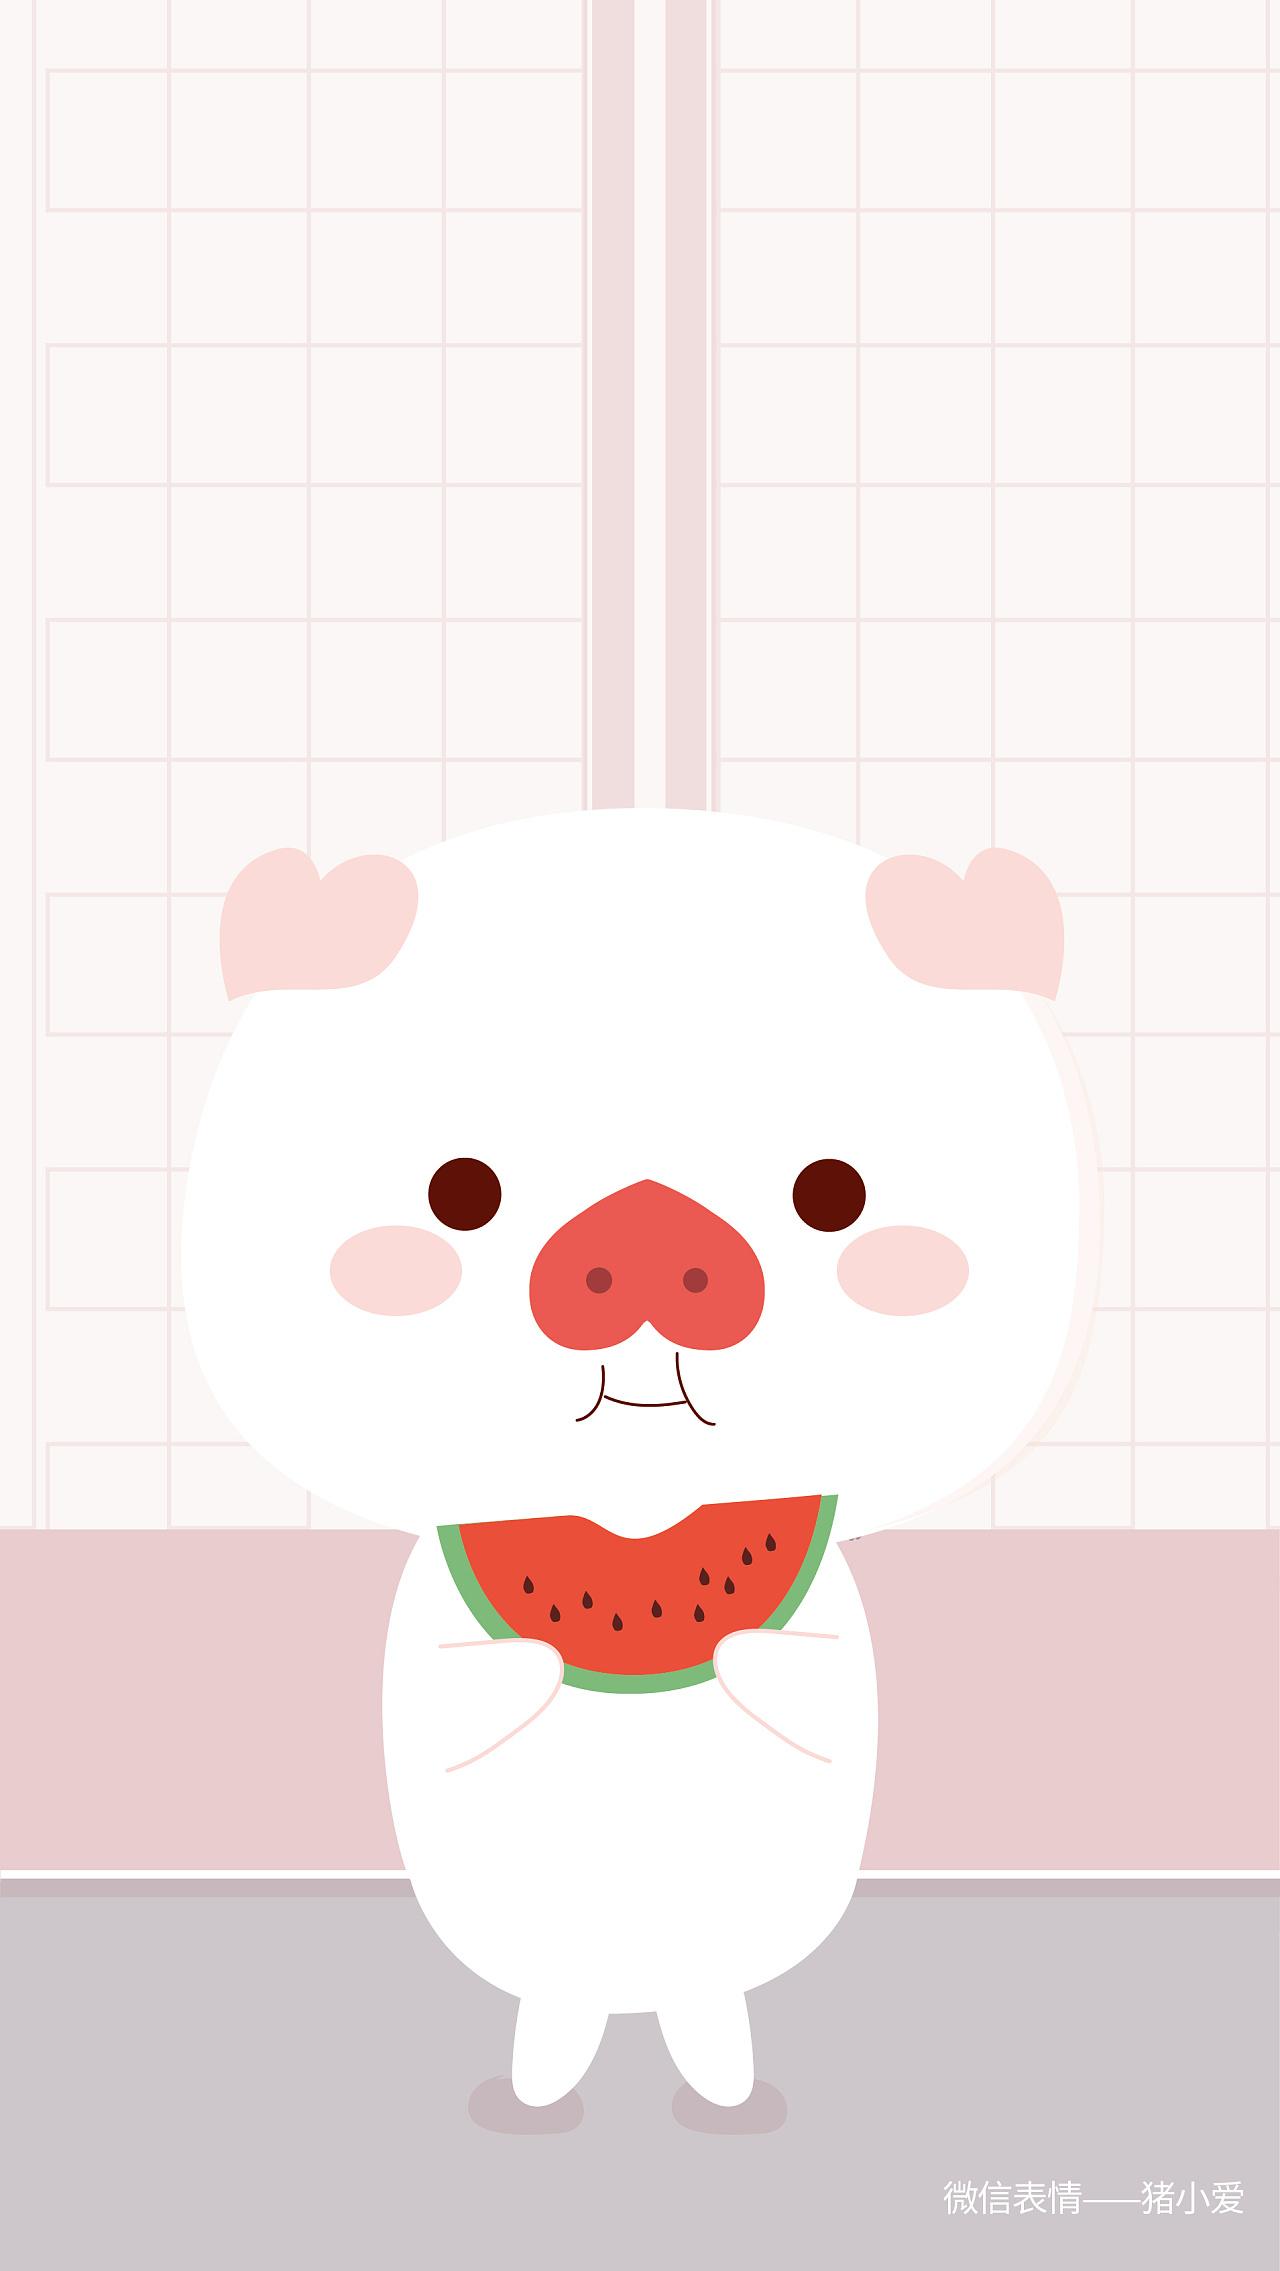 微信表情猪小爱猪年大吉猪大全可爱了电表情表情图片包打图片